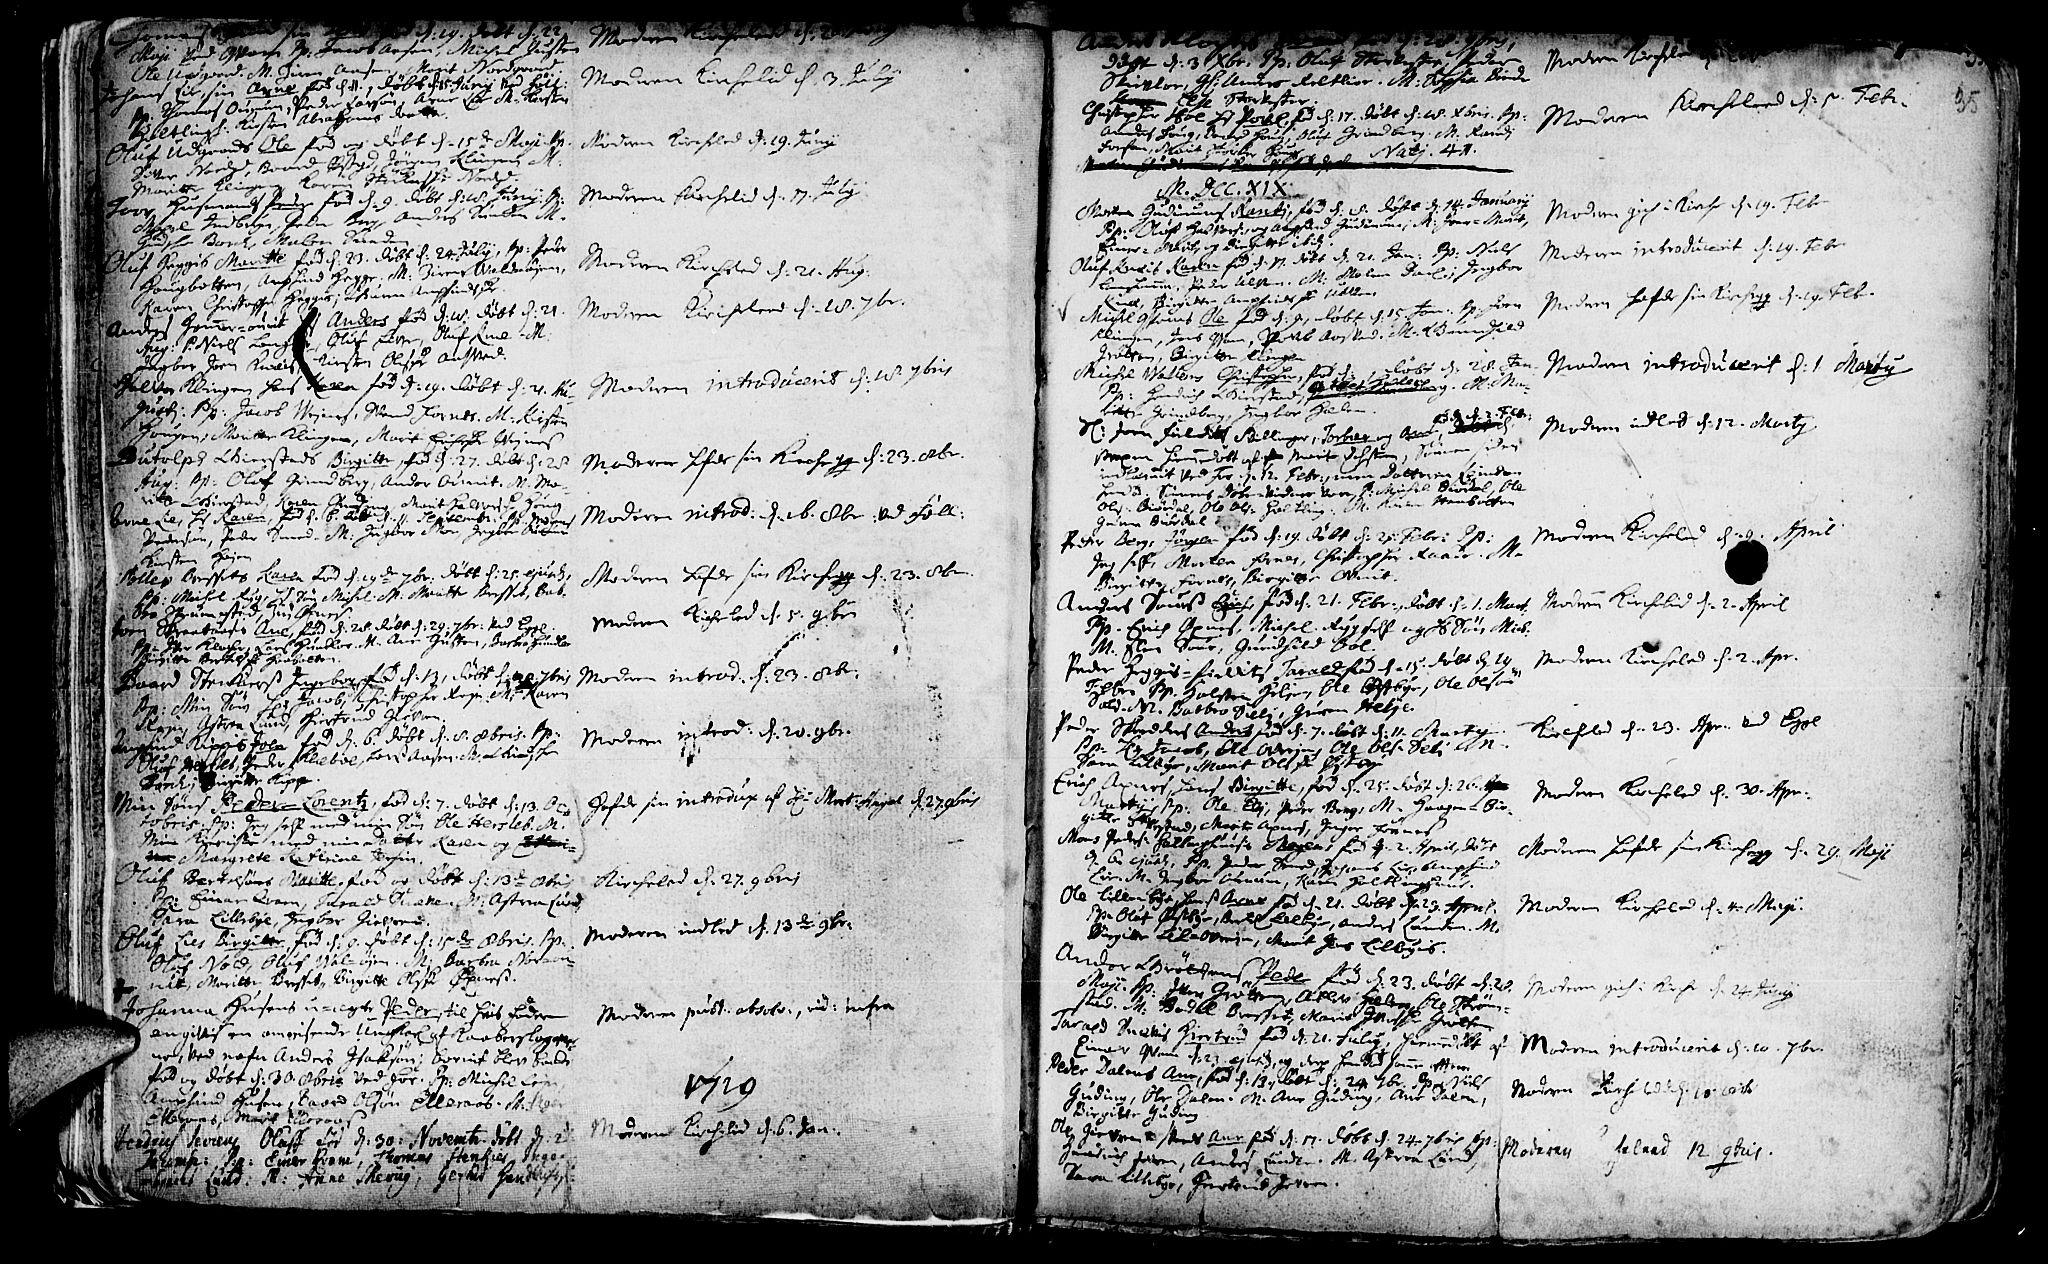 SAT, Ministerialprotokoller, klokkerbøker og fødselsregistre - Nord-Trøndelag, 746/L0439: Ministerialbok nr. 746A01, 1688-1759, s. 35